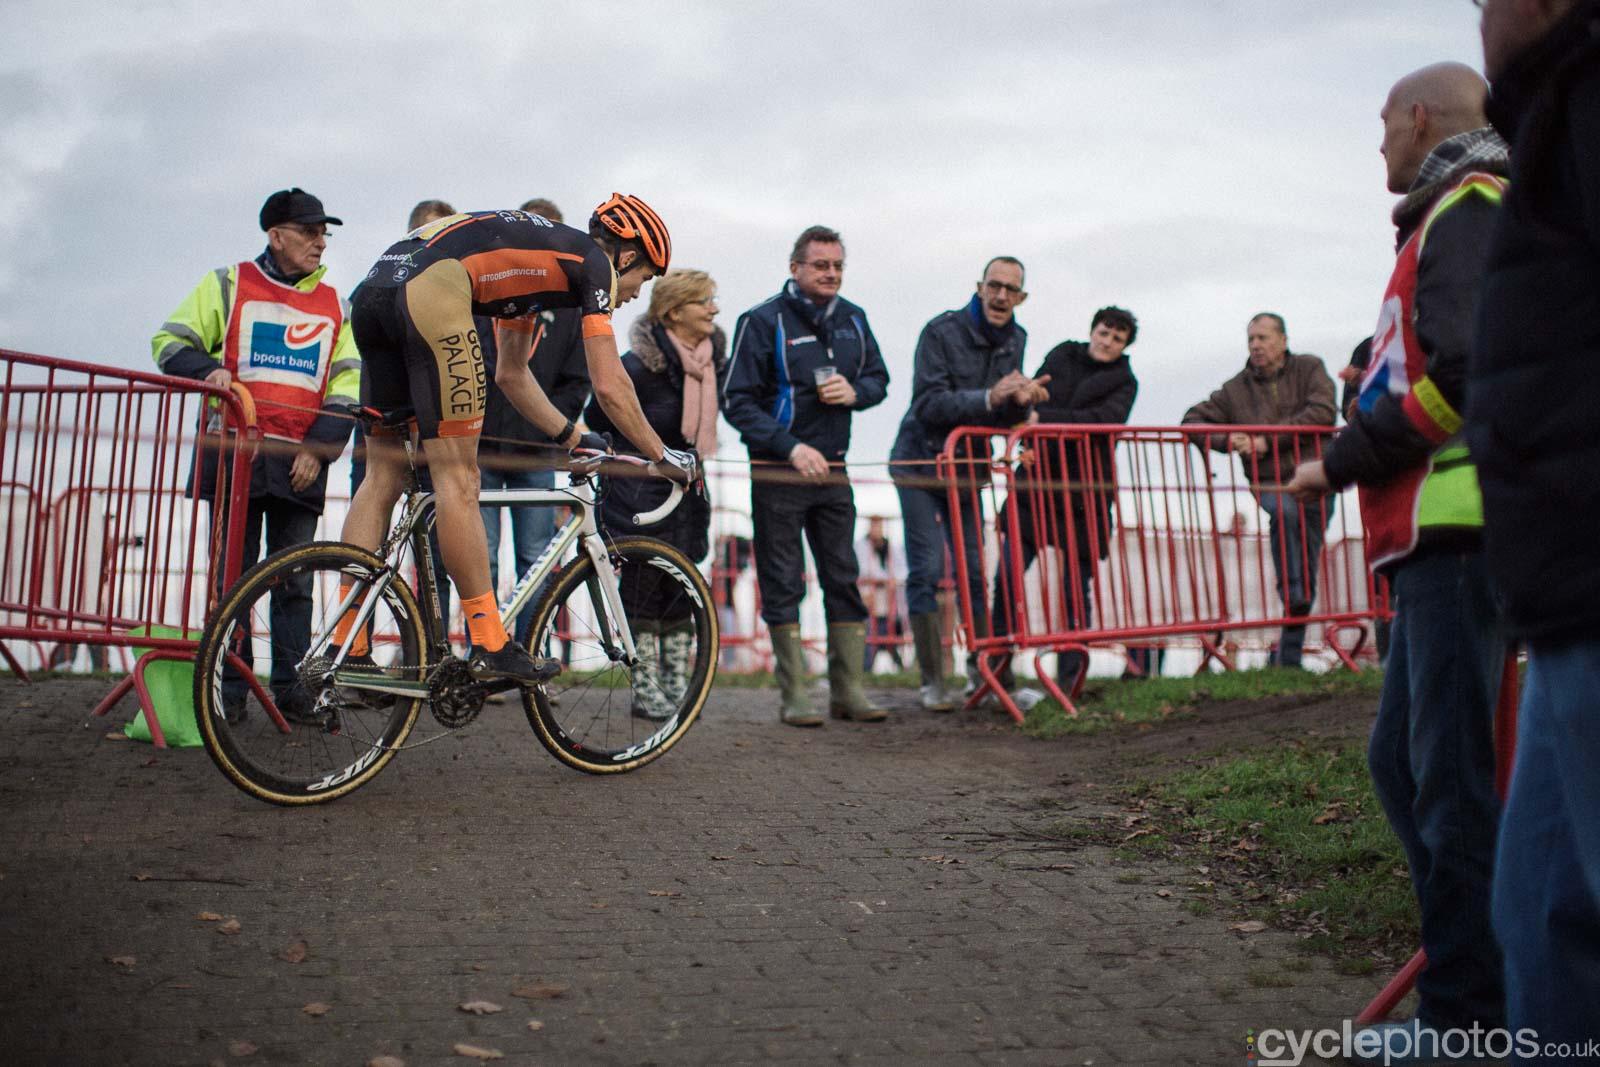 2015-cyclephotos-cyclocross-scheldecross-153709-wout-van-aert